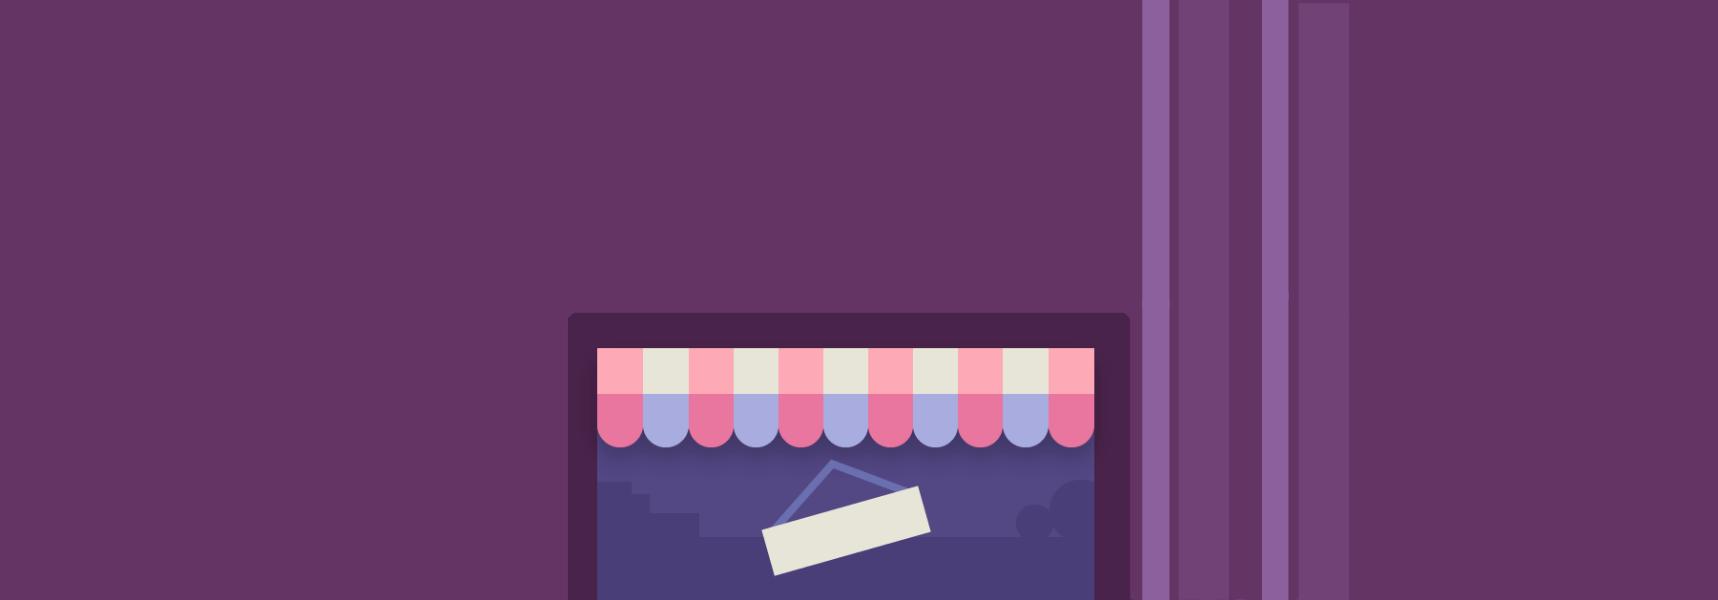 E-commerce blog banner 10